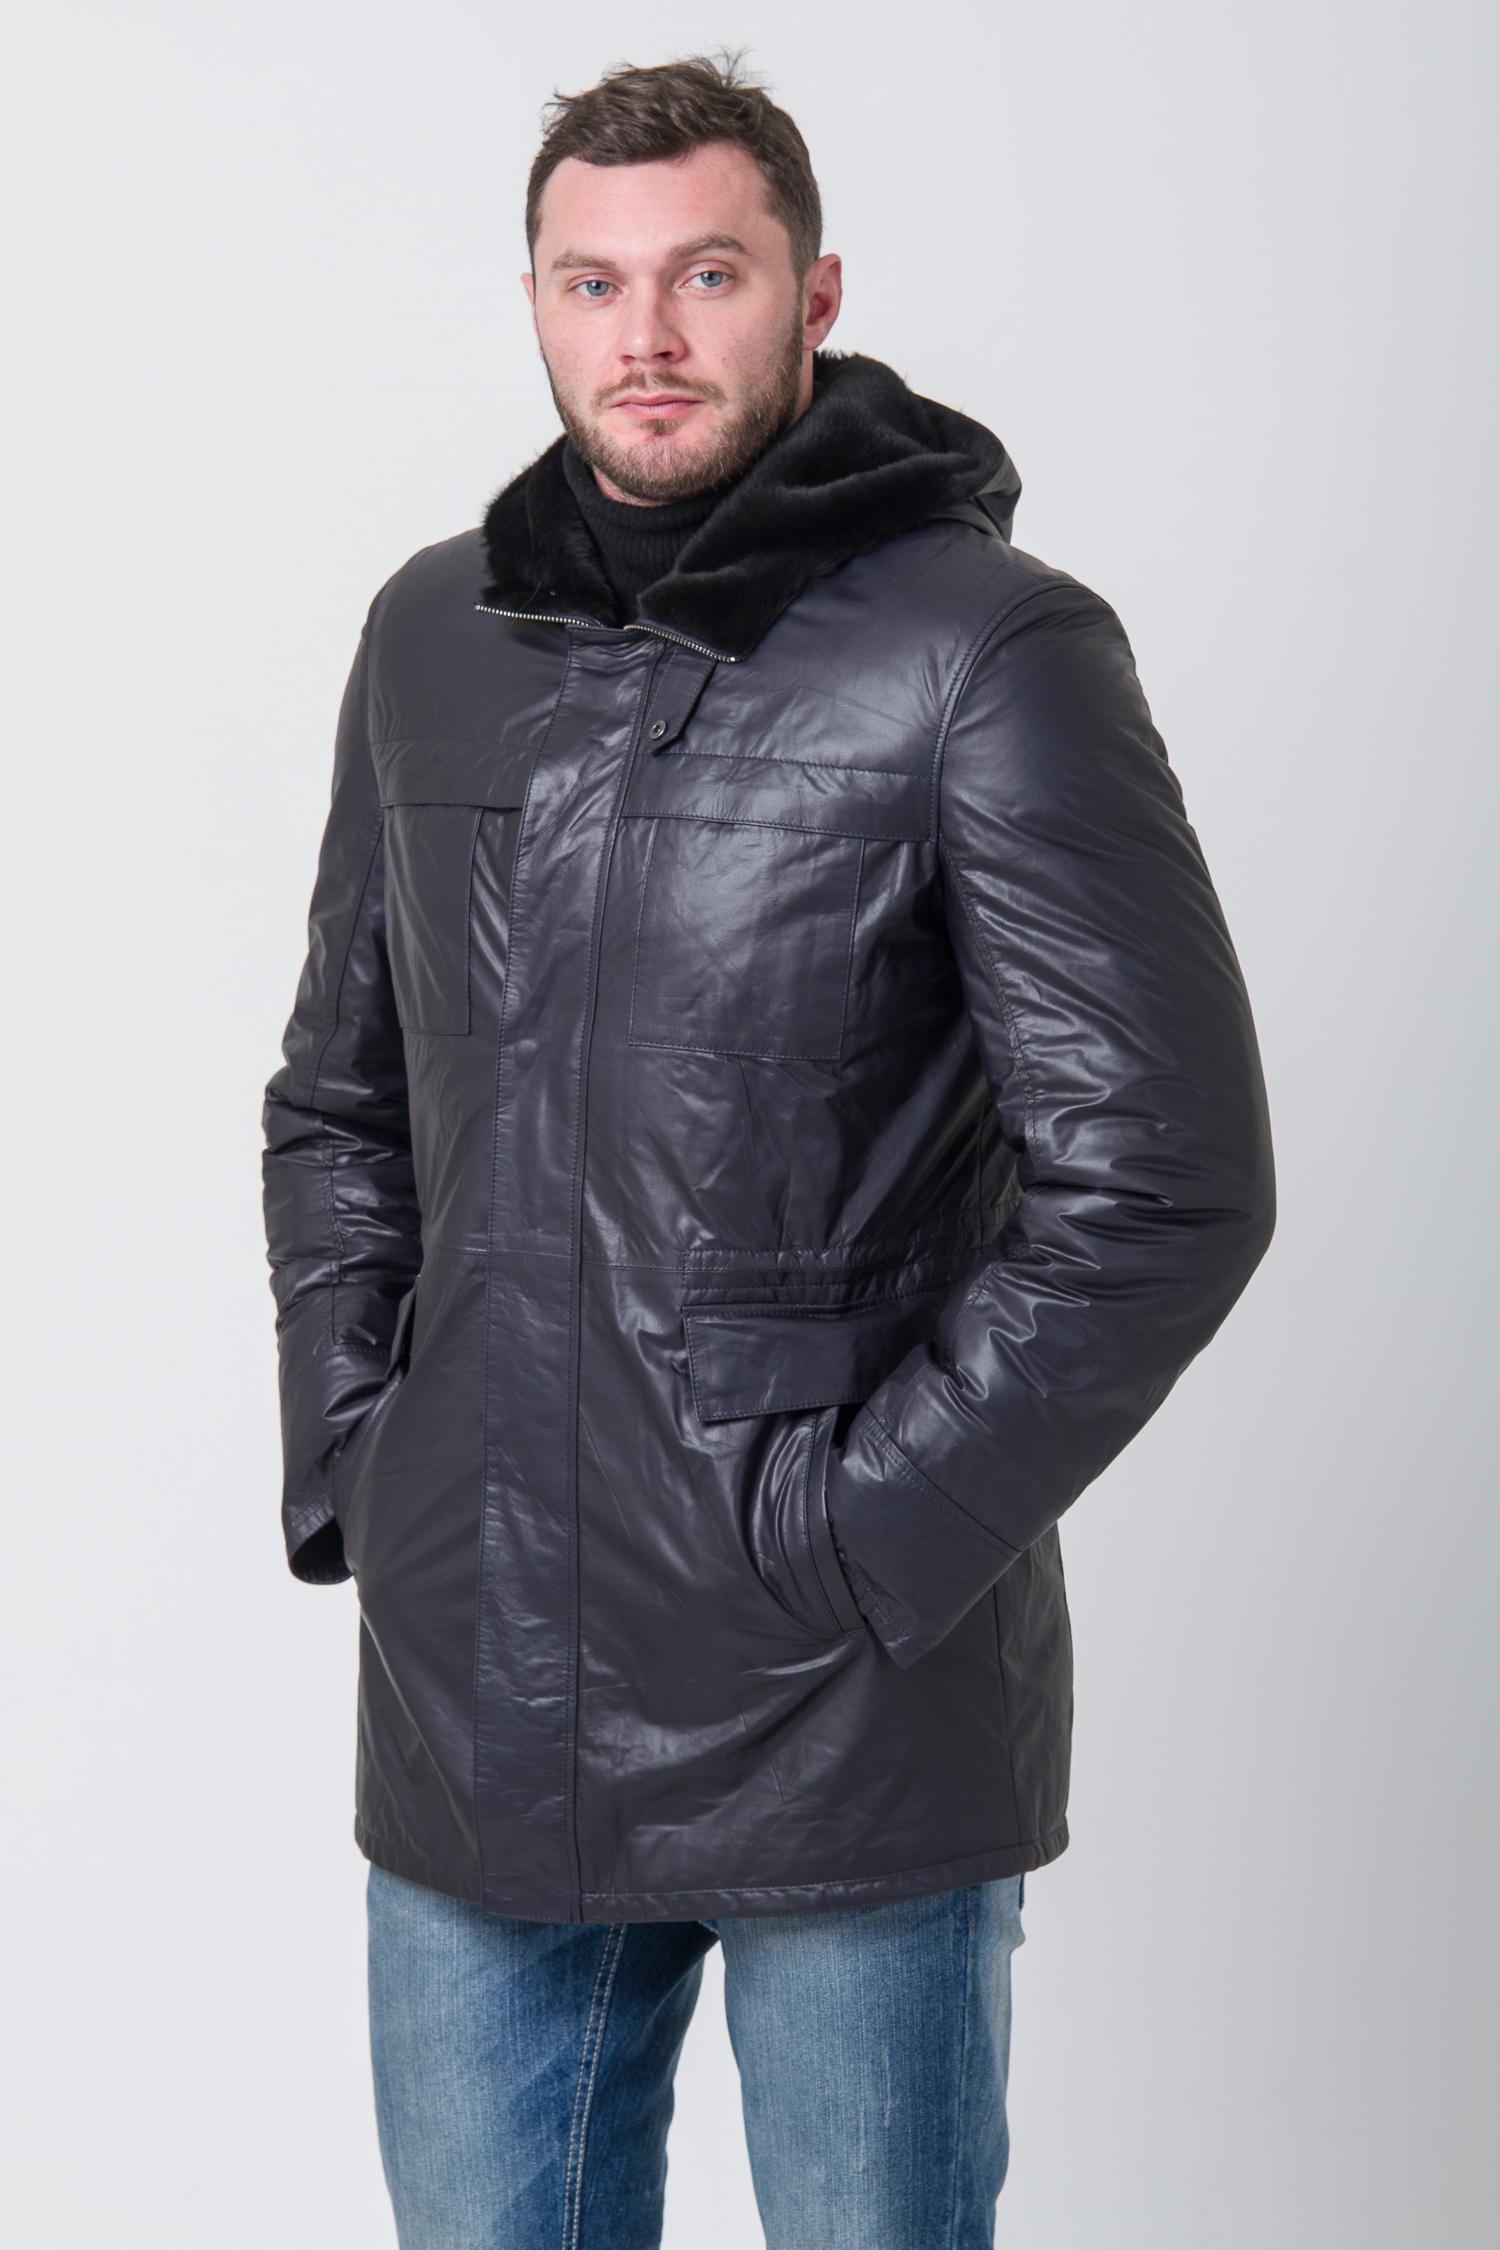 Мужская кожаная куртка из натуральной кожи на меху с капюшоном, без отделки<br><br>Воротник: капюшон<br>Длина см: Средняя (75-89 )<br>Материал: Кожа овчина<br>Цвет: синий<br>Вид застежки: центральная<br>Застежка: на молнии<br>Пол: Мужской<br>Размер RU: 58